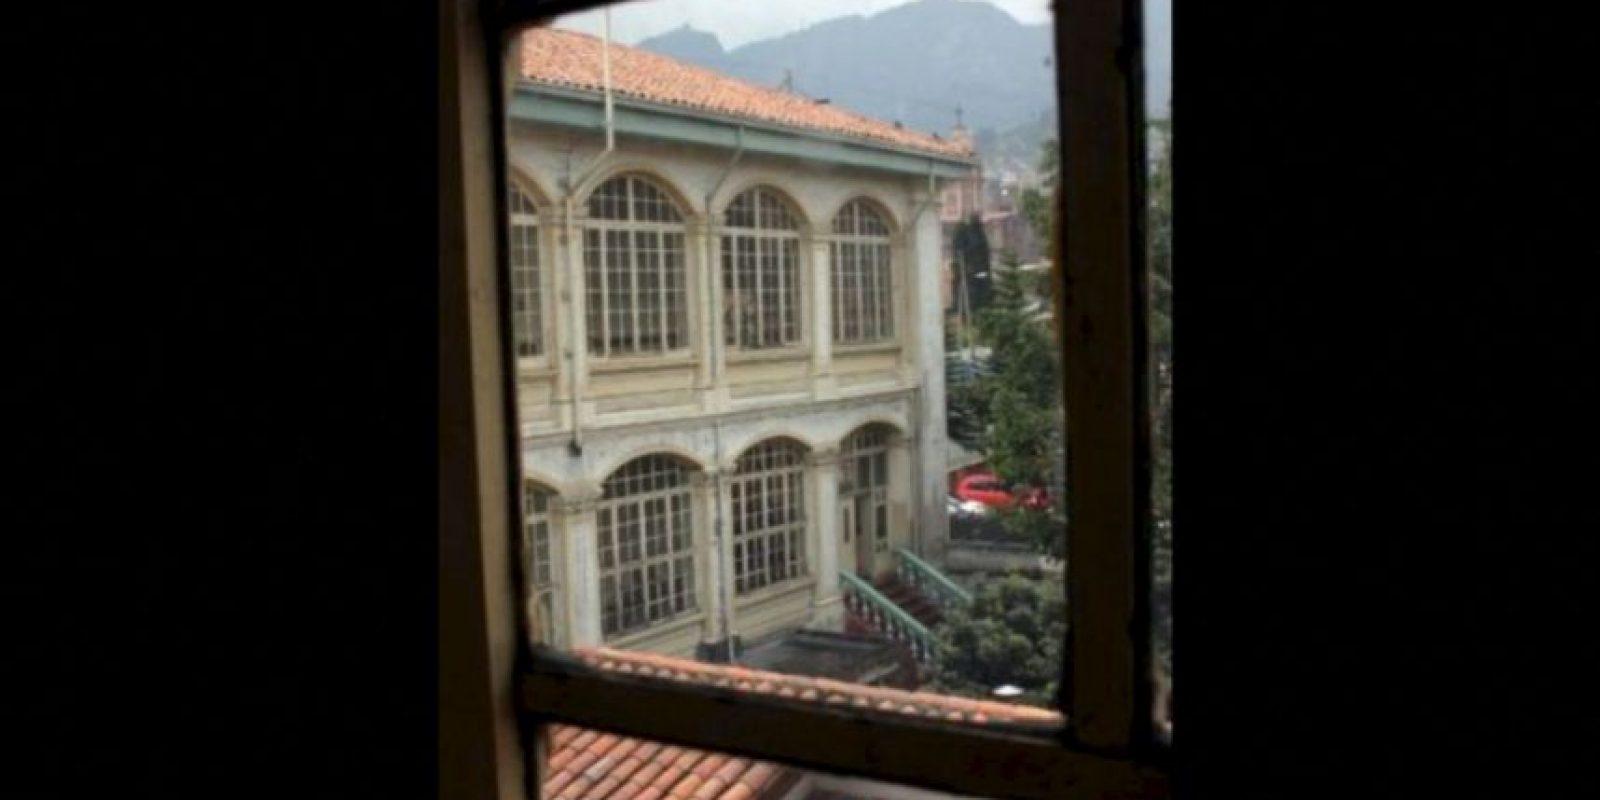 Se han registrado apariciones de monjas e incidentes en la morgue en este hospital abandonado Foto:Colprensa